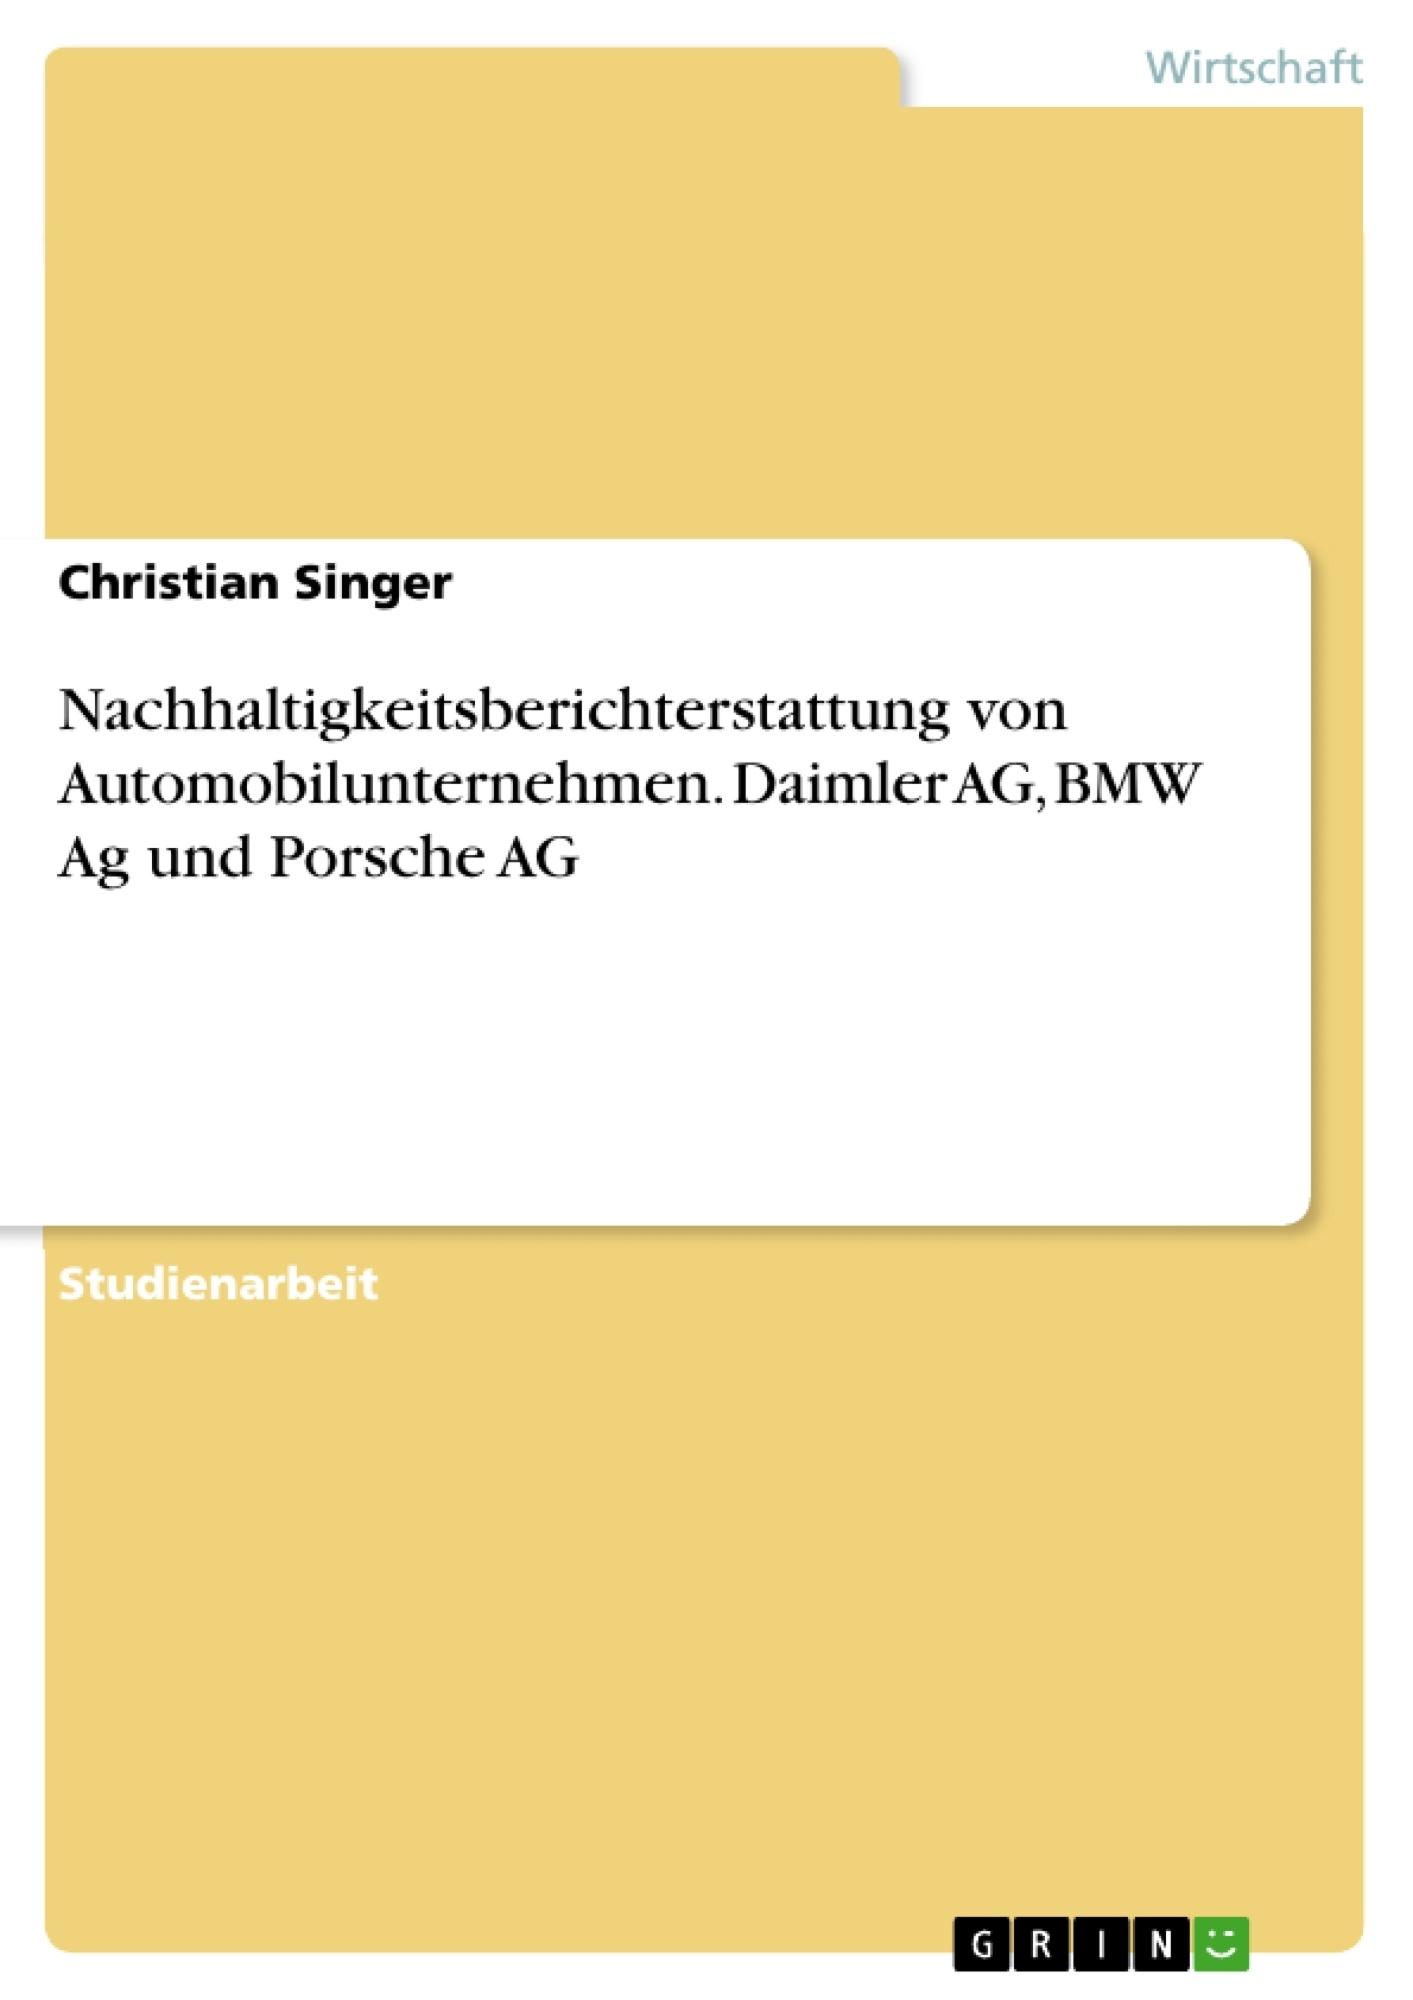 Titel: Nachhaltigkeitsberichterstattung von Automobilunternehmen. Daimler AG, BMW Ag und Porsche AG